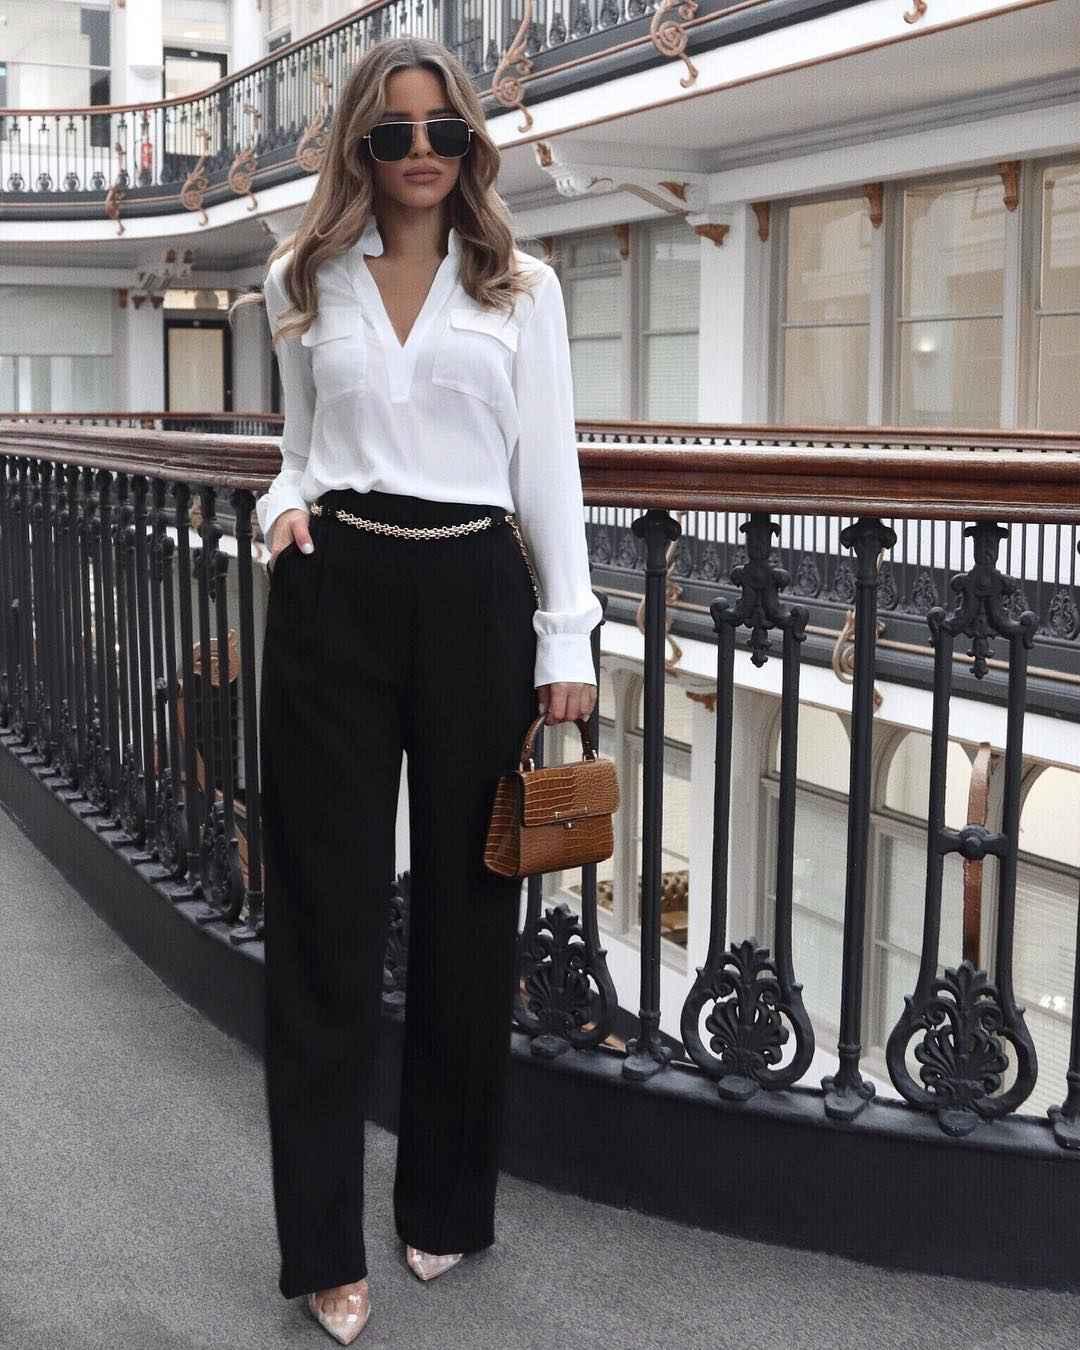 Модный офисный стиль 2019-2020 с брюками фото идеи_24